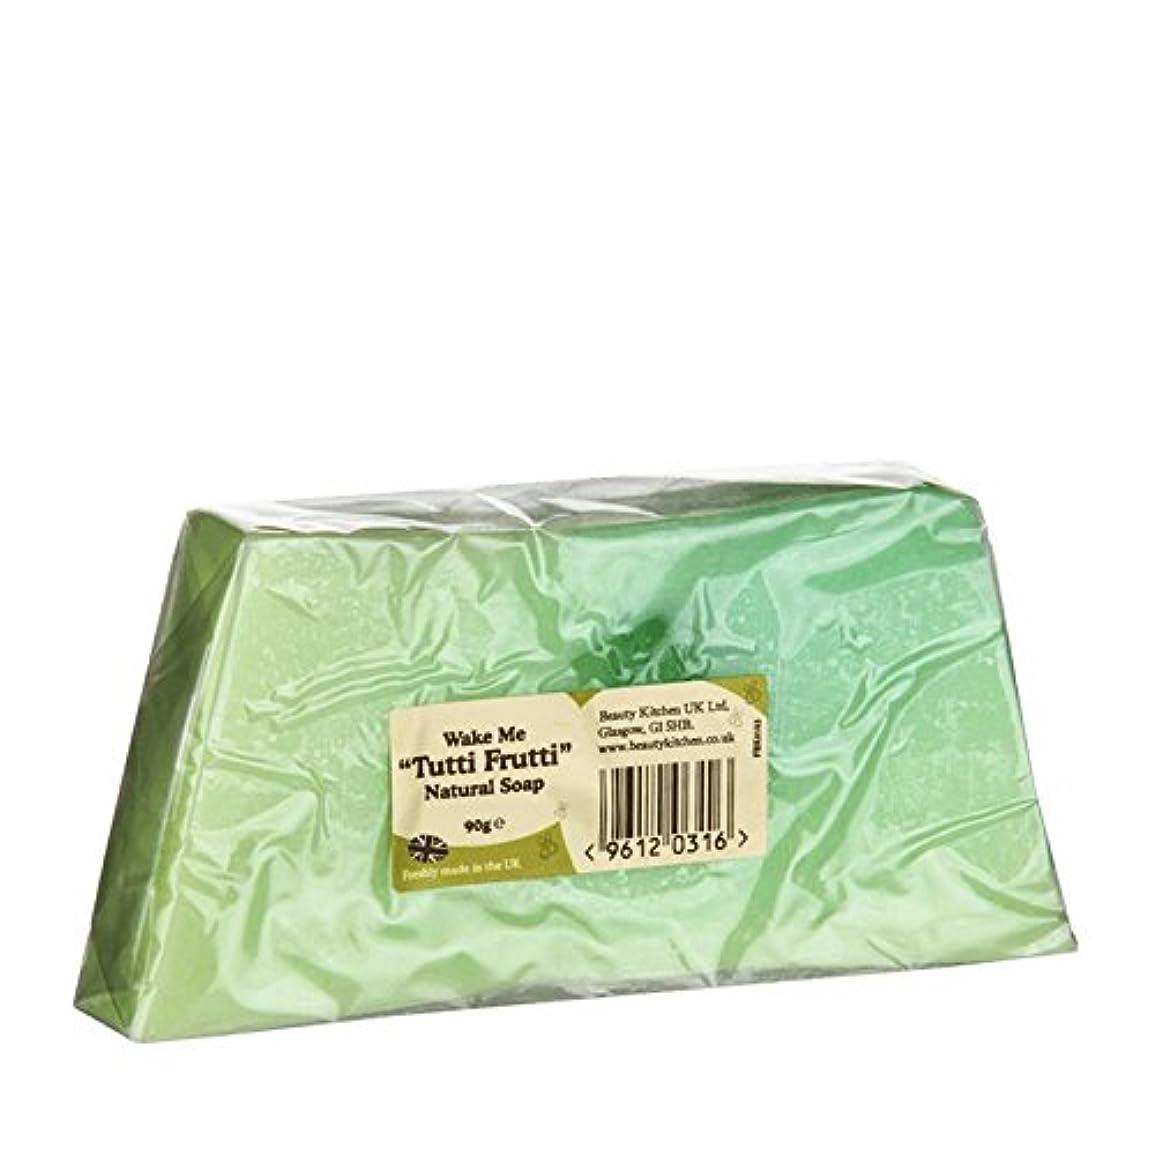 データ戦闘投げるBeauty Kitchen Wake Me Tutti Frutti Natural Soap 90g (Pack of 6) - 美しさのキッチンは私トゥッティフルッティの天然石鹸90グラムウェイク (x6) [並行輸入品]